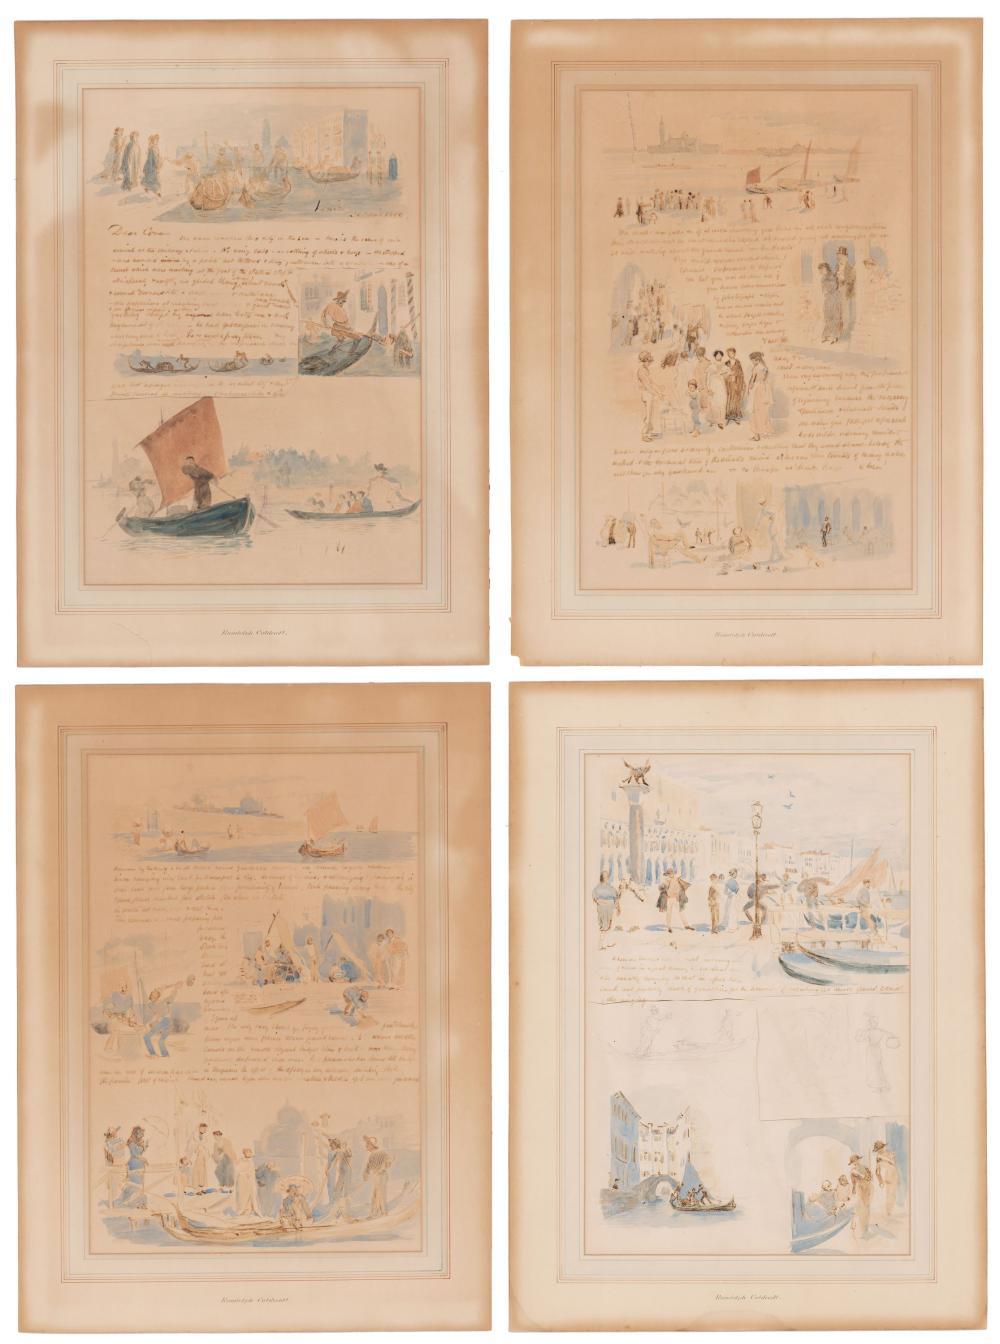 Medal Namesake Randolph Caldecott Lovely Illustrated Letter Depicting Scenes from Venice